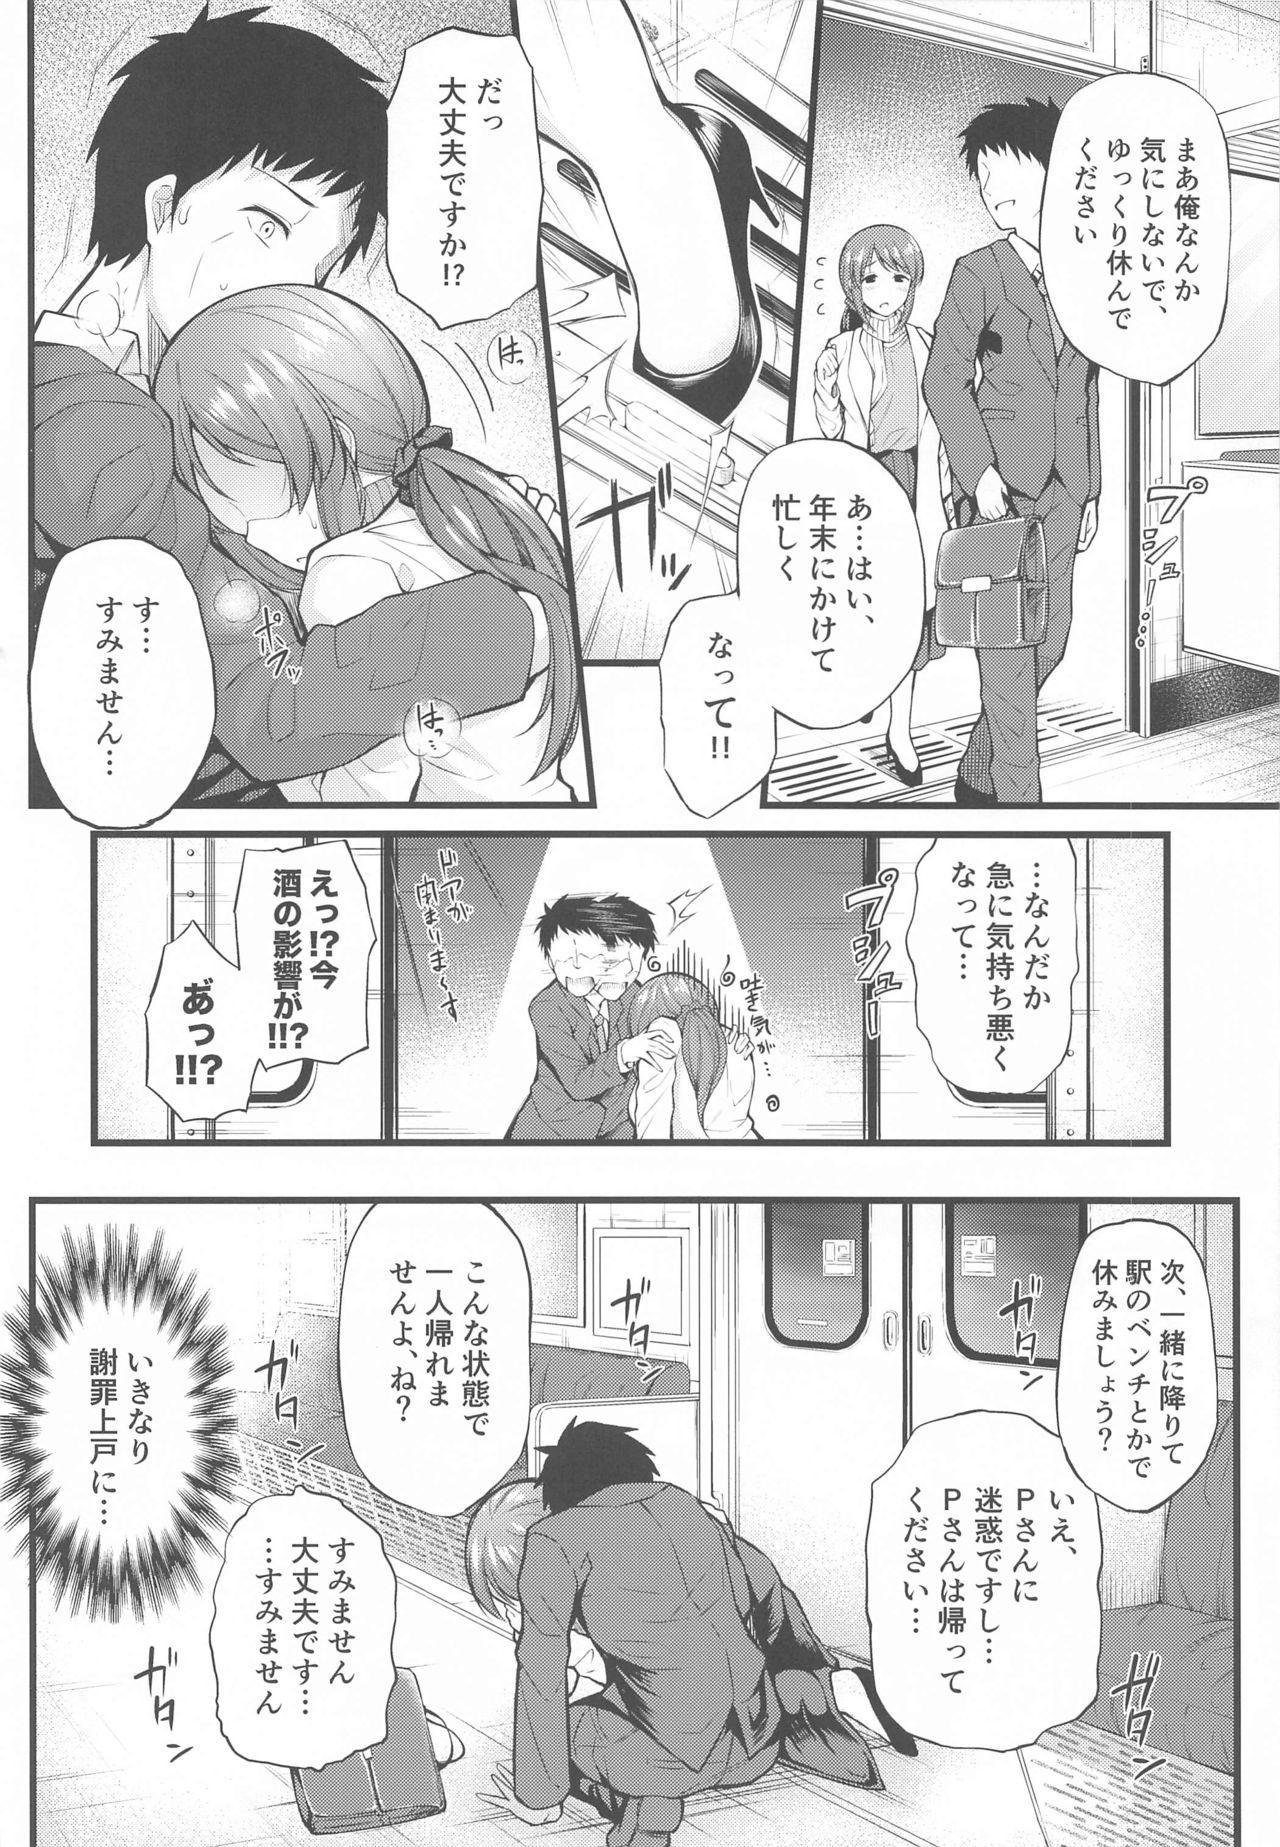 Sake ga Mawatta Mifune-san to Ecchi na Koto Suru Hon 2